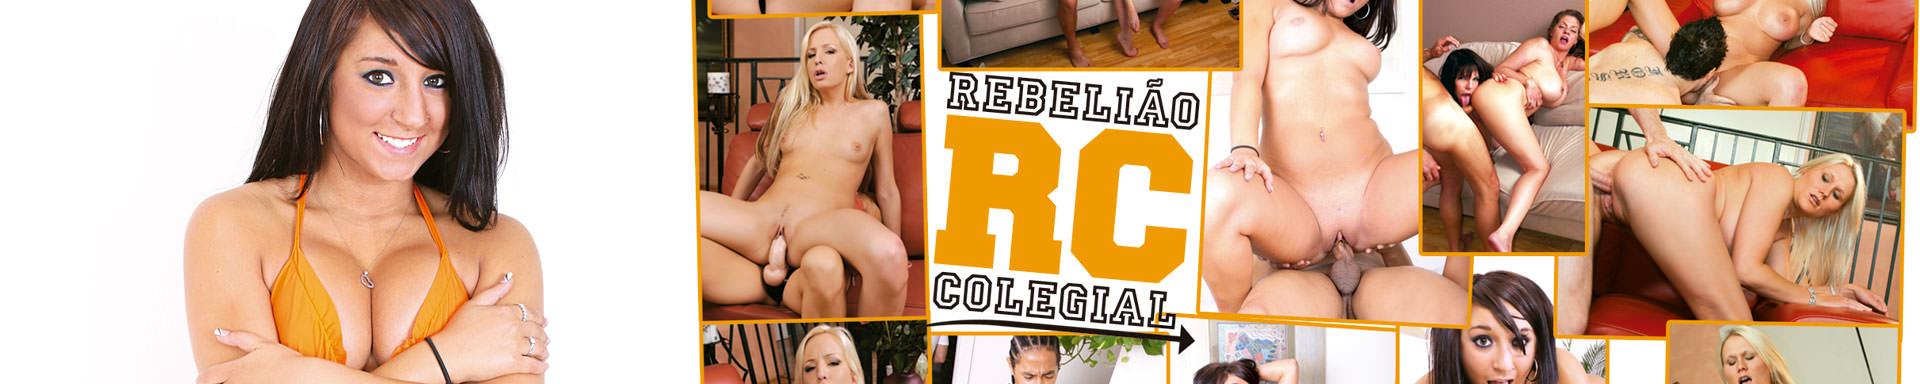 http://buttman.com.br/filmes-porno/rebeliao-colegial/241/